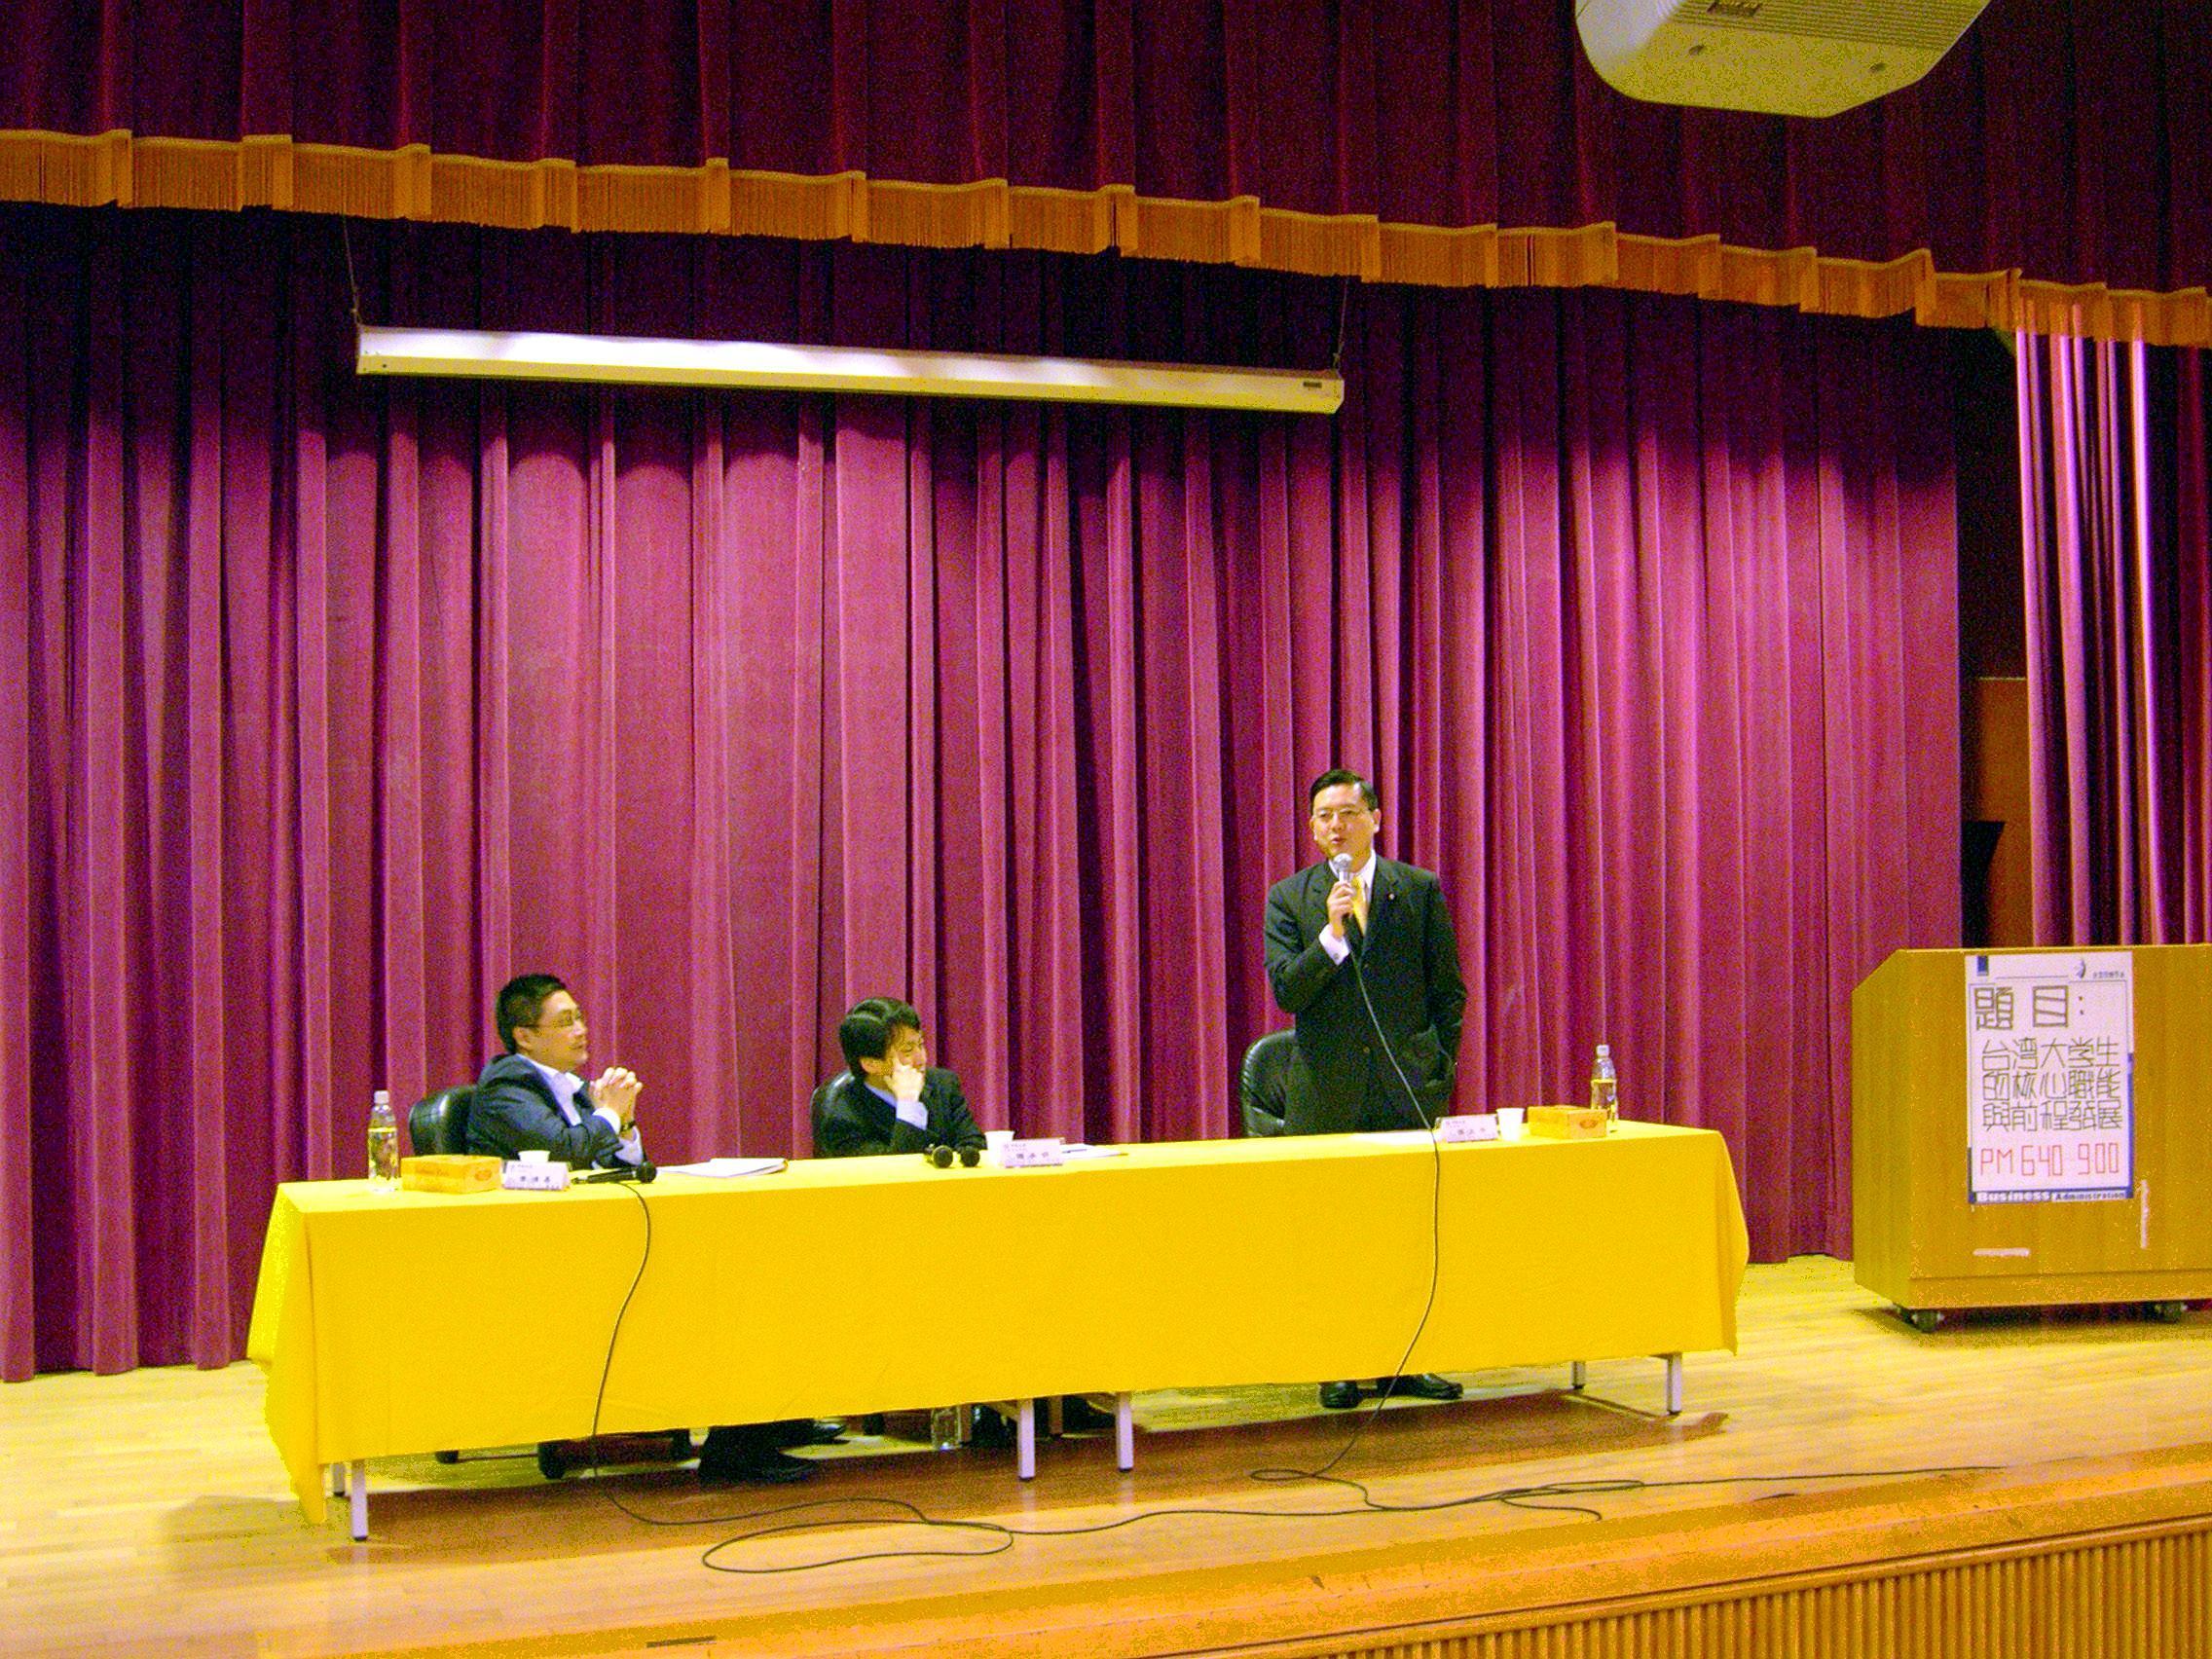 立法委員孫大千、瑞士信貸總經理李鴻基蒞校講演